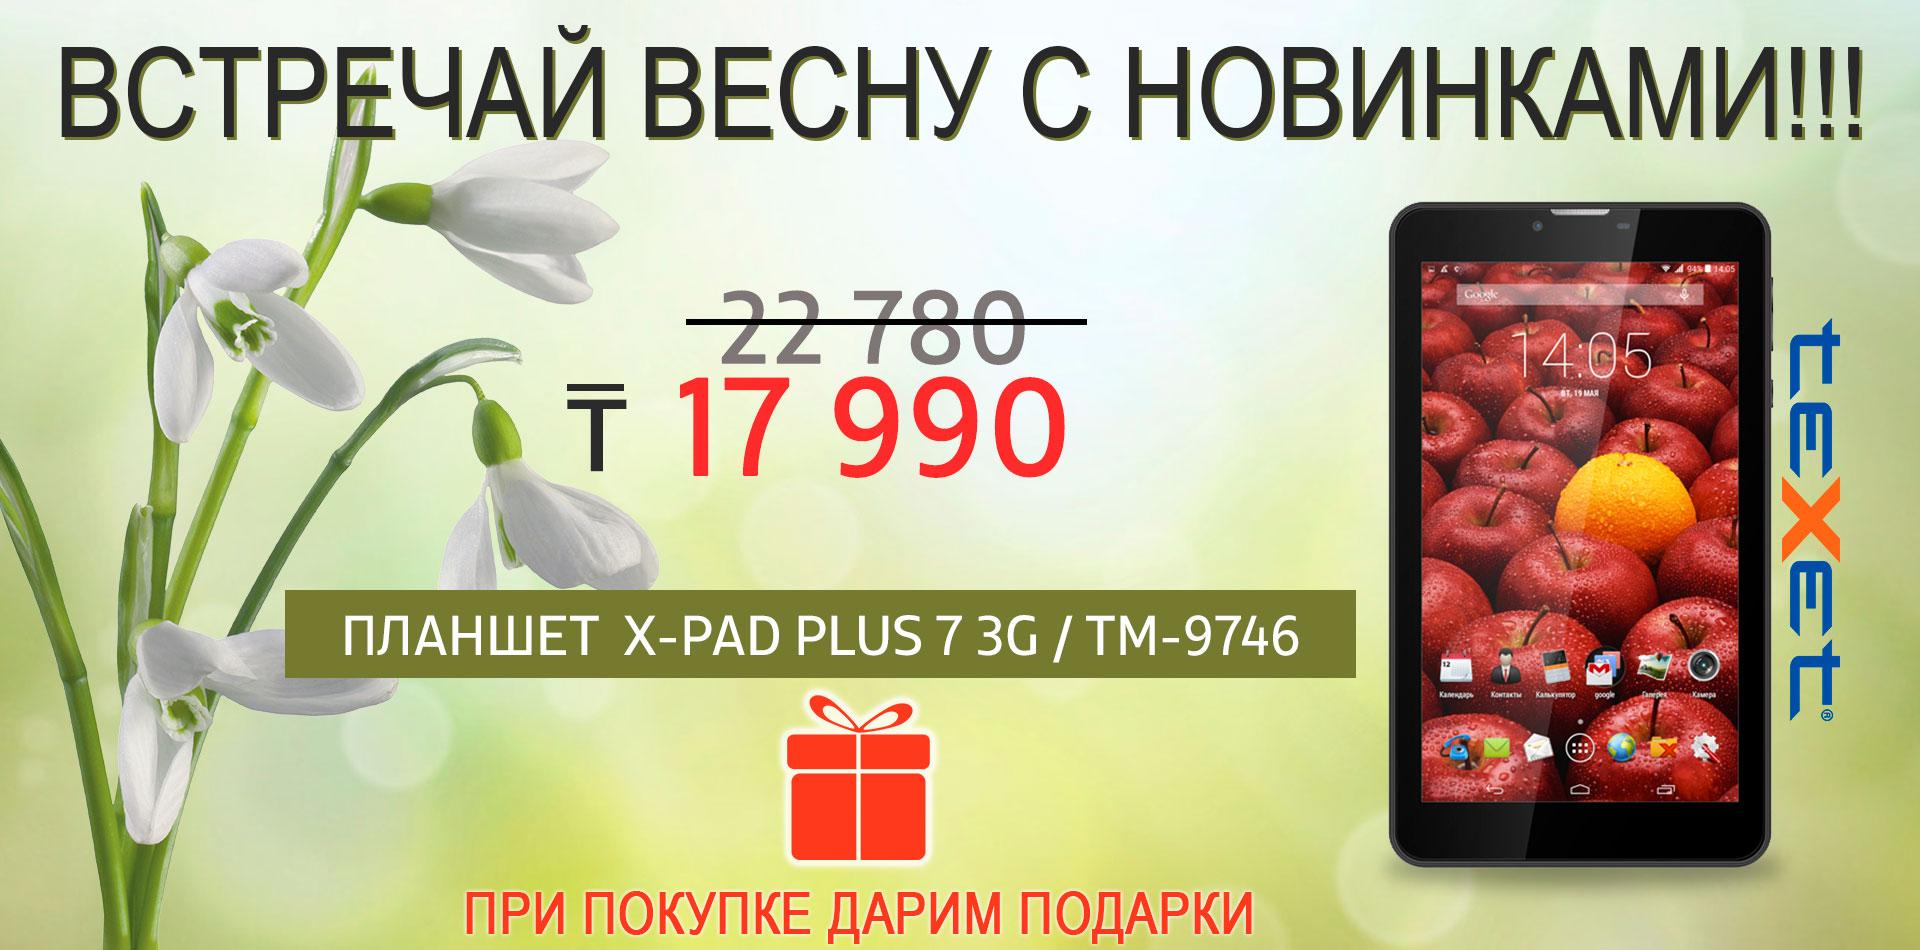 Texet X-pad Plus 7 3G